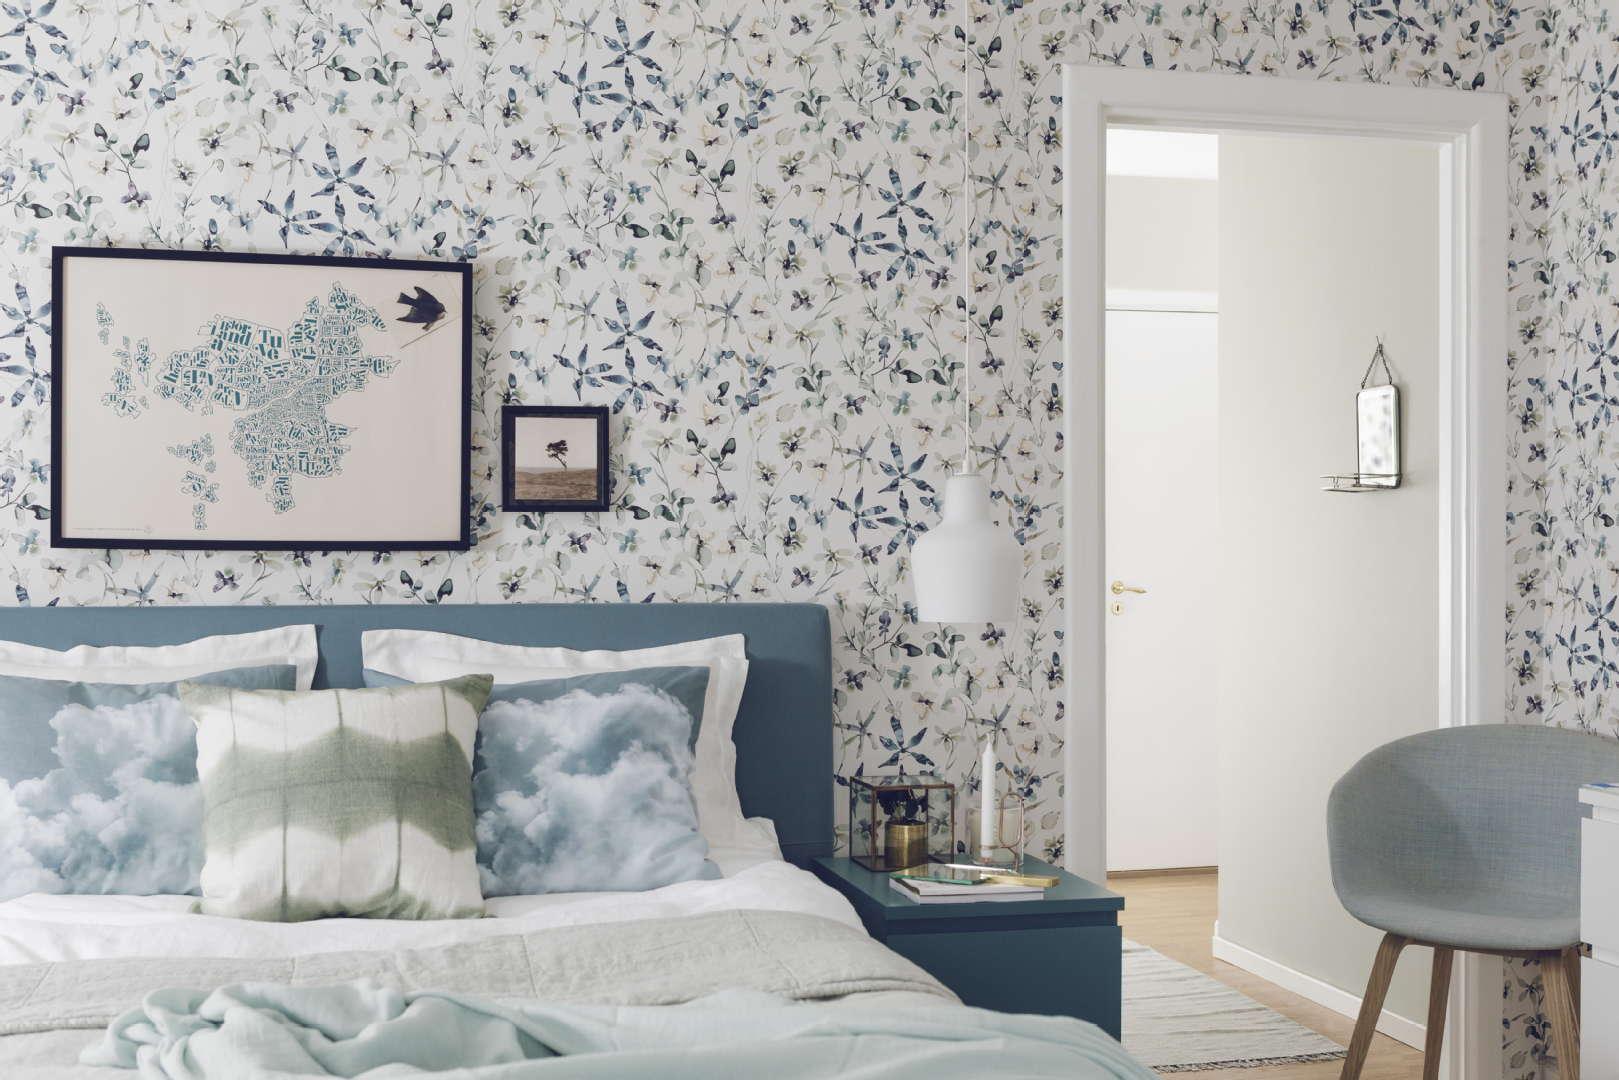 Makuuhuoneen sisustus, kesä, Värisilmä: BoråsTapeter Poetry 7108 tapetti